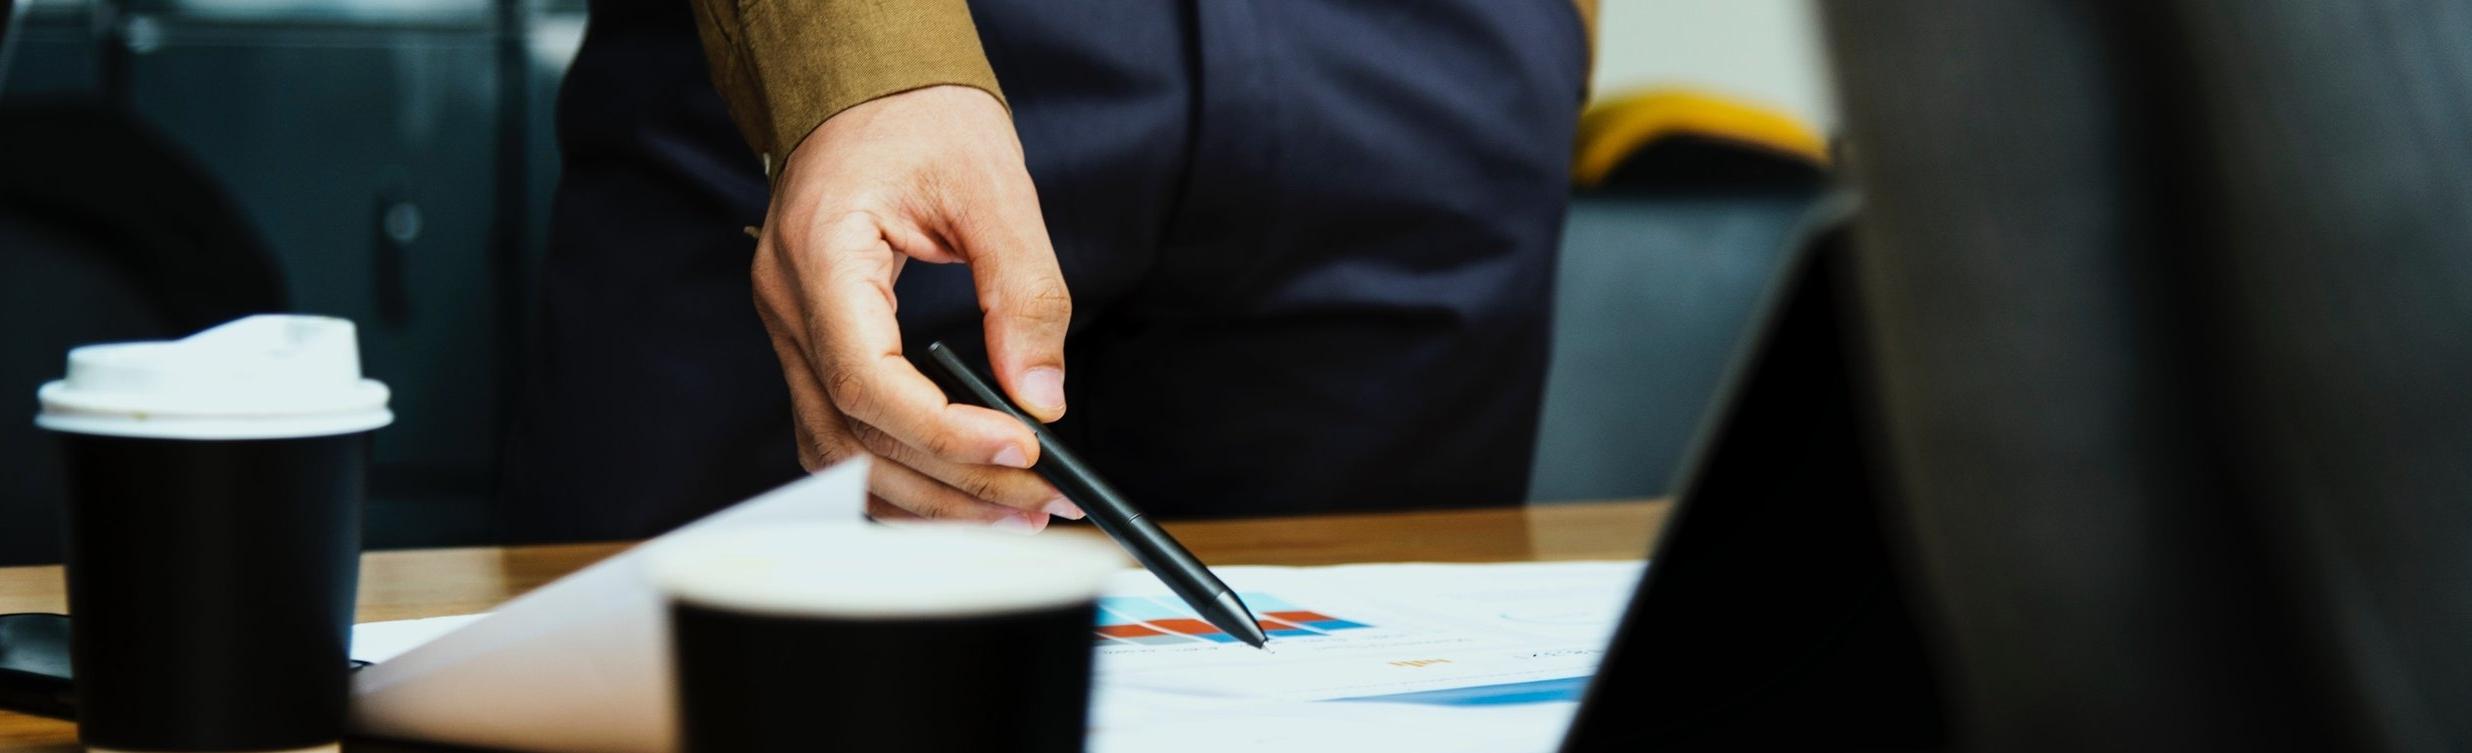 adult-brainstorming-business-1080848.jpg